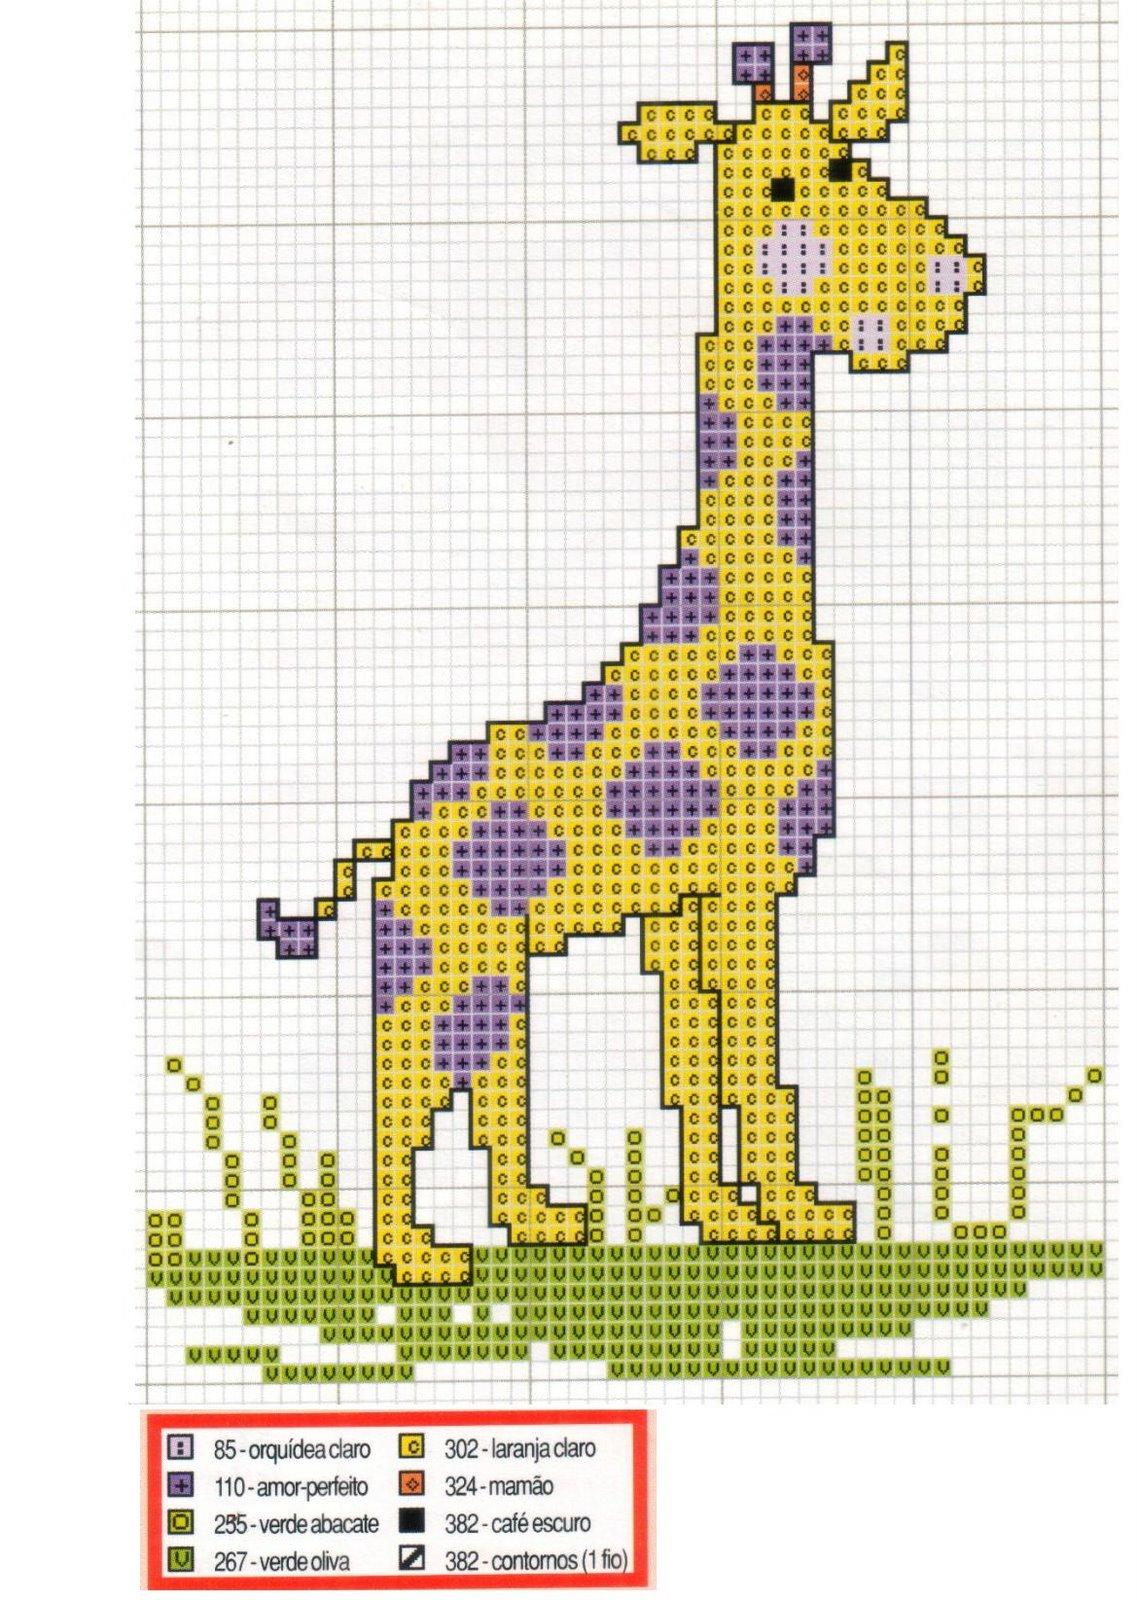 giraffa_08